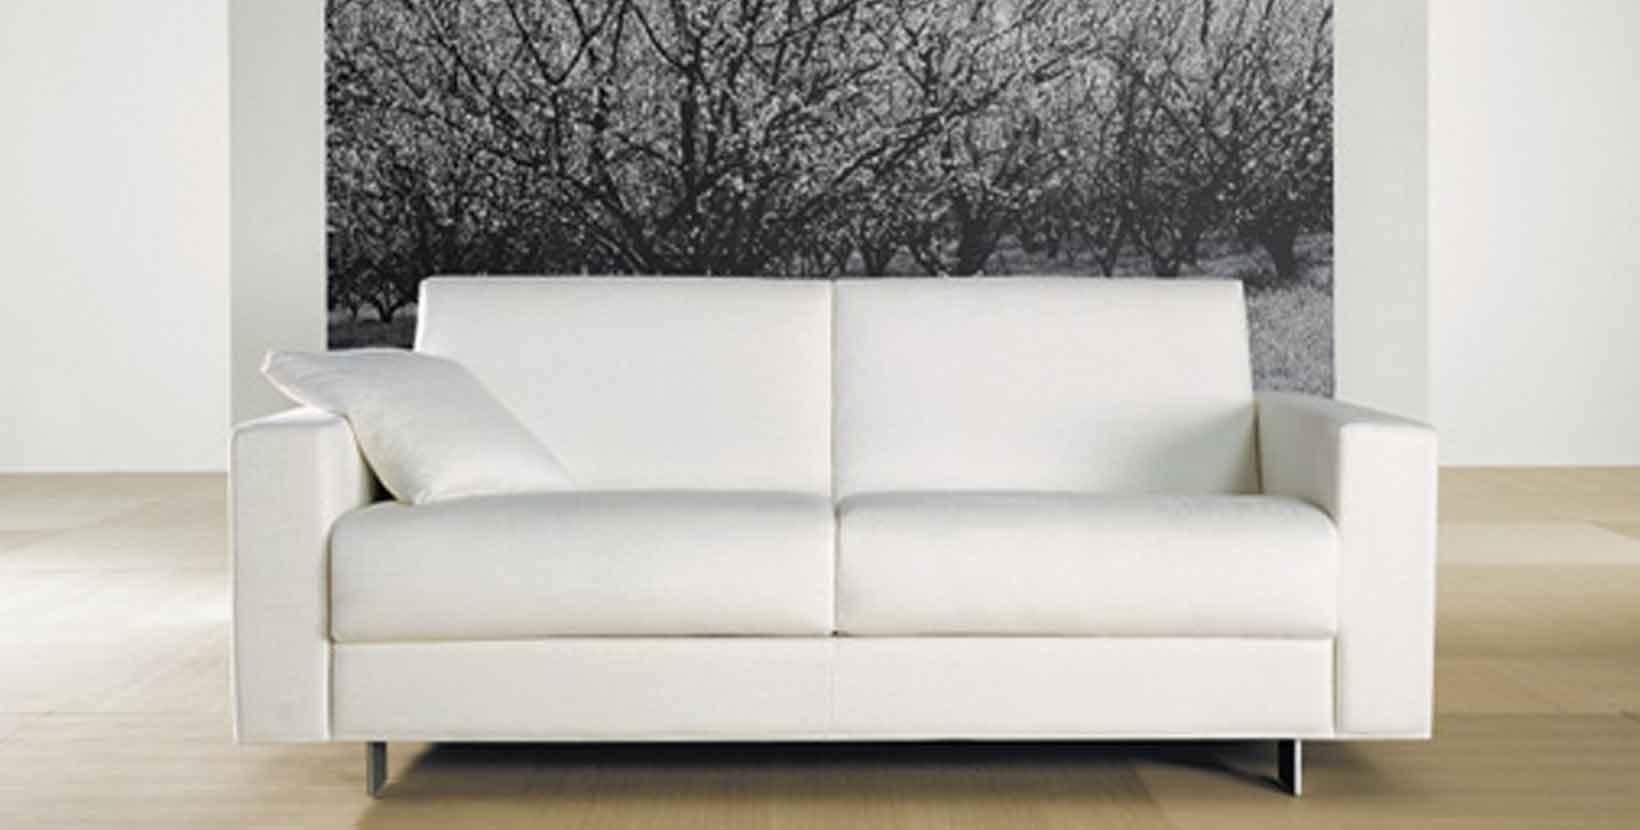 Sillon modelo asturia 2 y 3 cuerpos for Sofa cama de un cuerpo